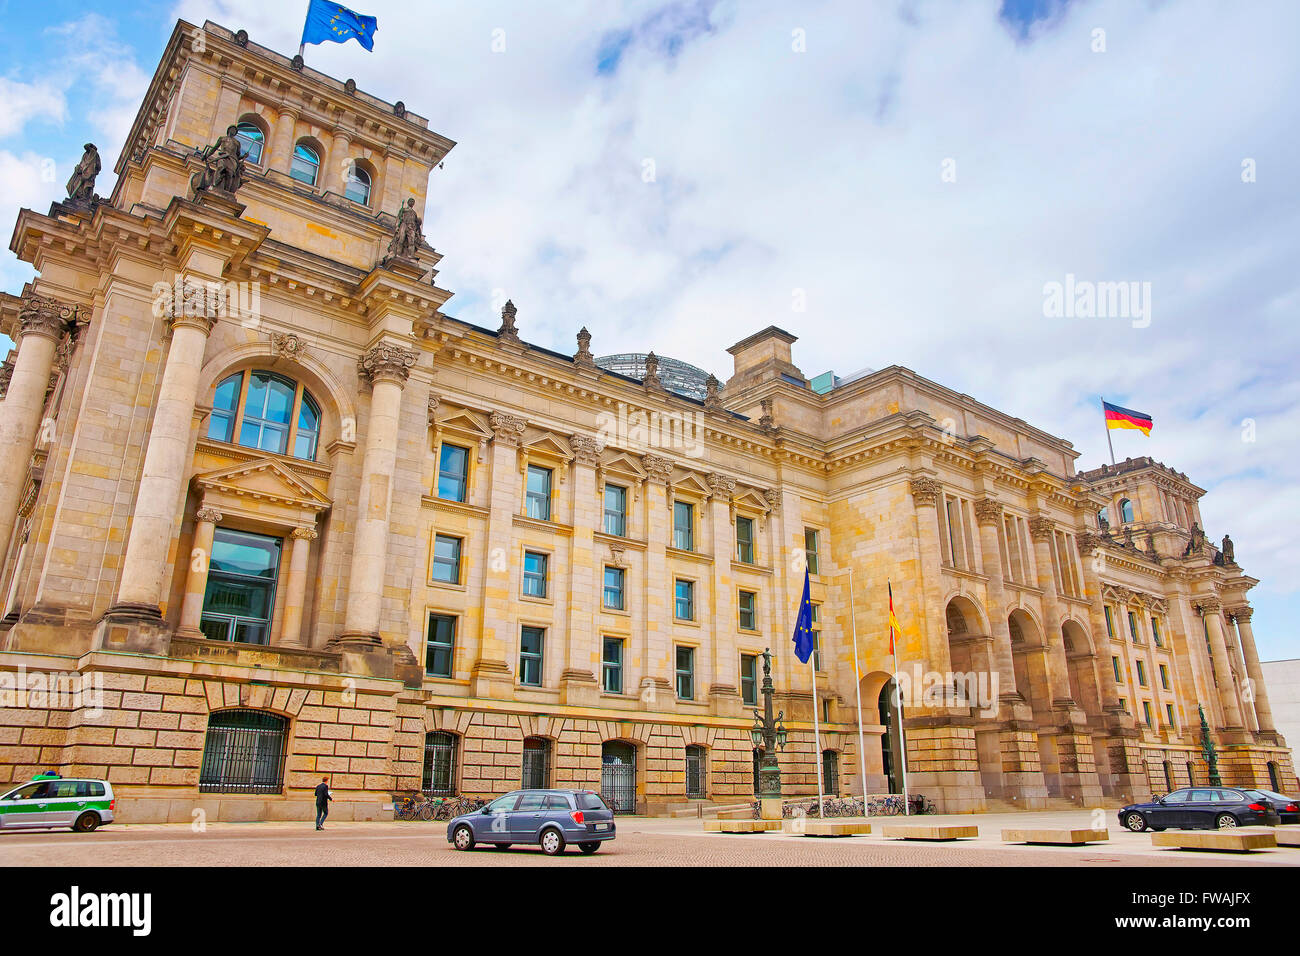 Reichstagsgebäude in Berlin Deutschland. Reichstag ist ein bekannter Gebäude, das auf der Konigsplatz Stockbild